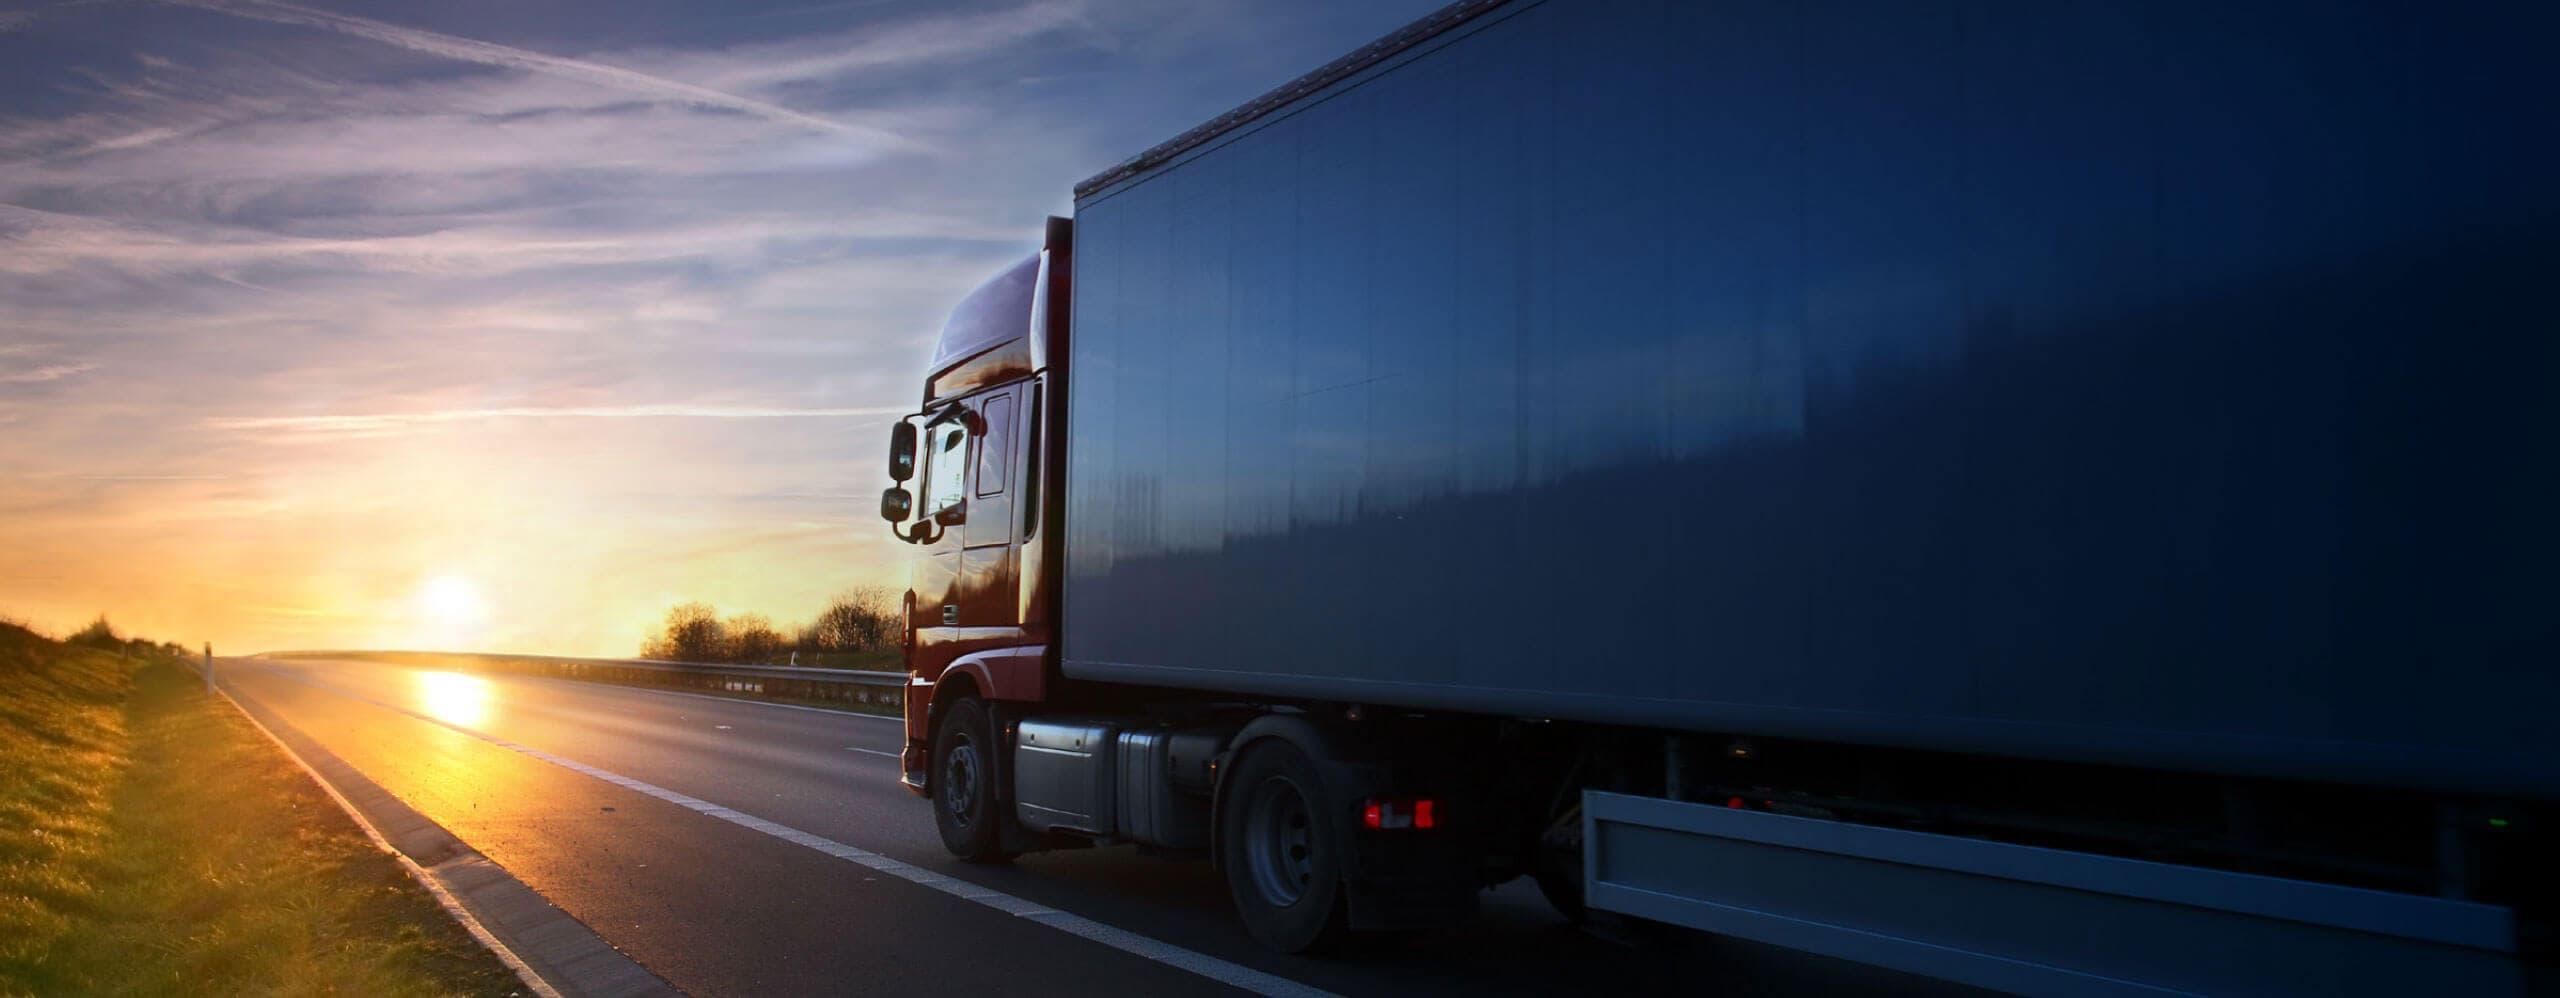 Un camion de transport qui vient vers nous avec le coucher du soleil en arrière-plan.